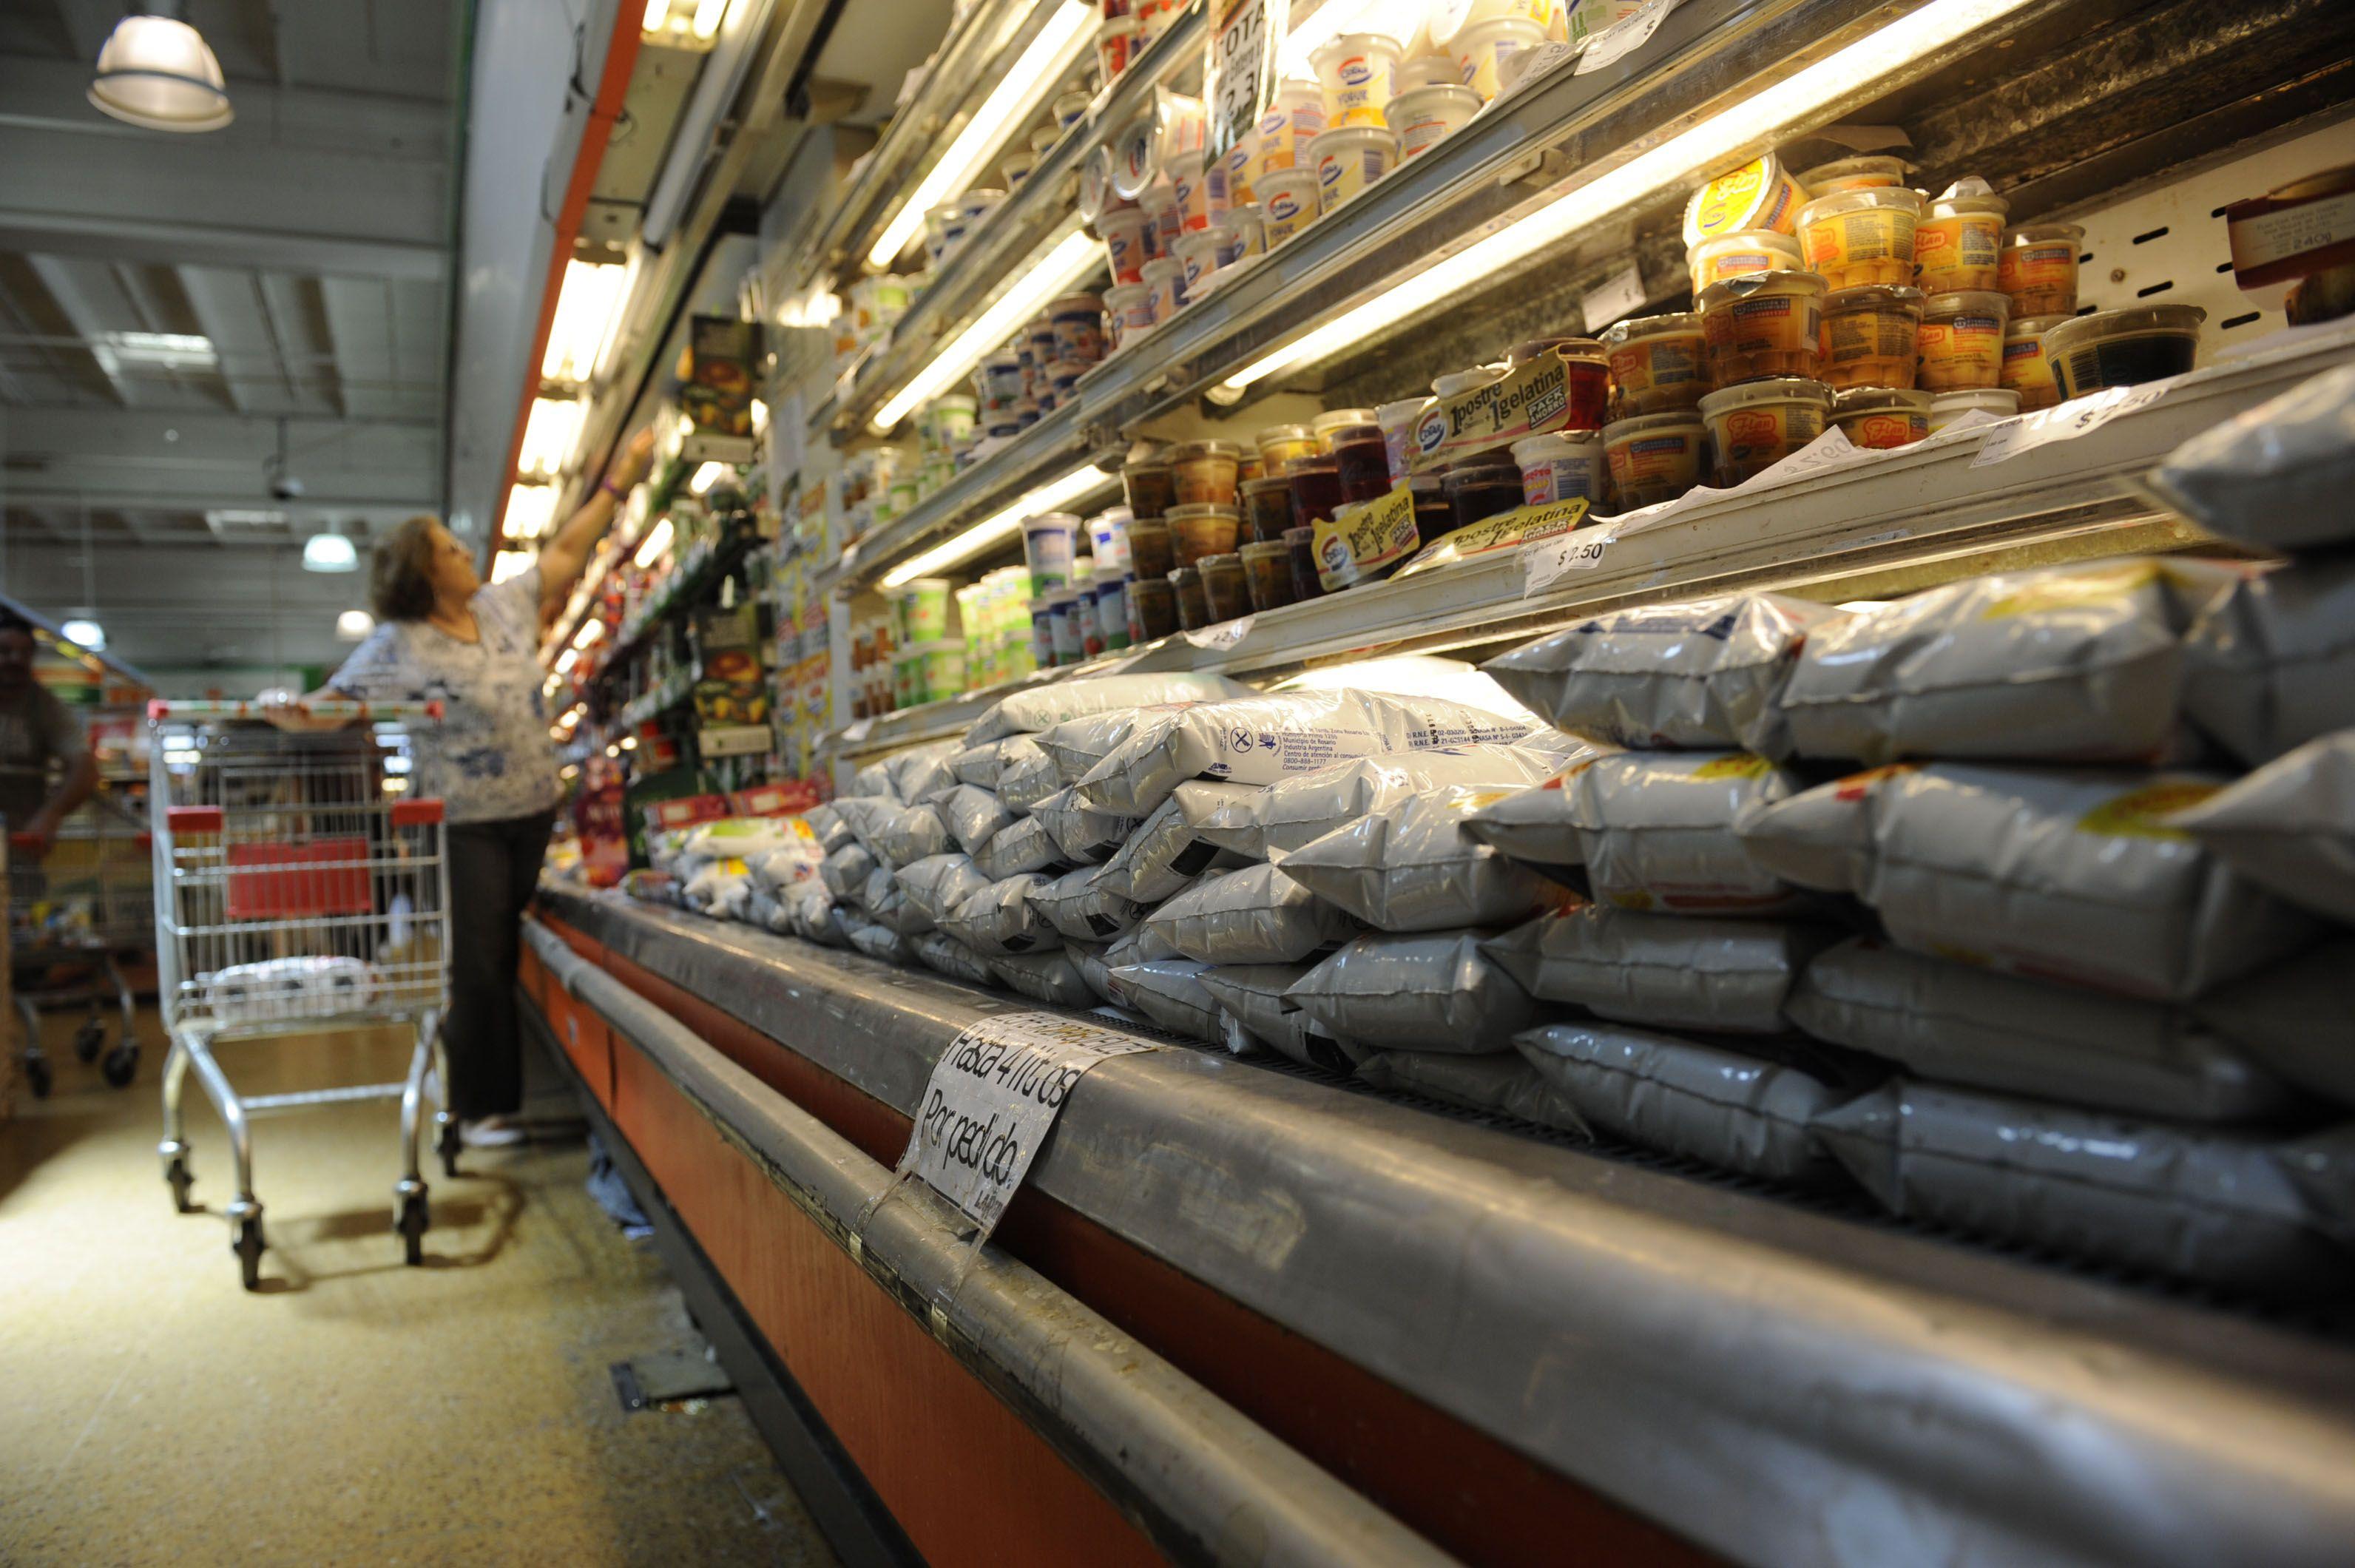 El gremio mercantil denunció remarcaciones de precios obscenas en supermercados